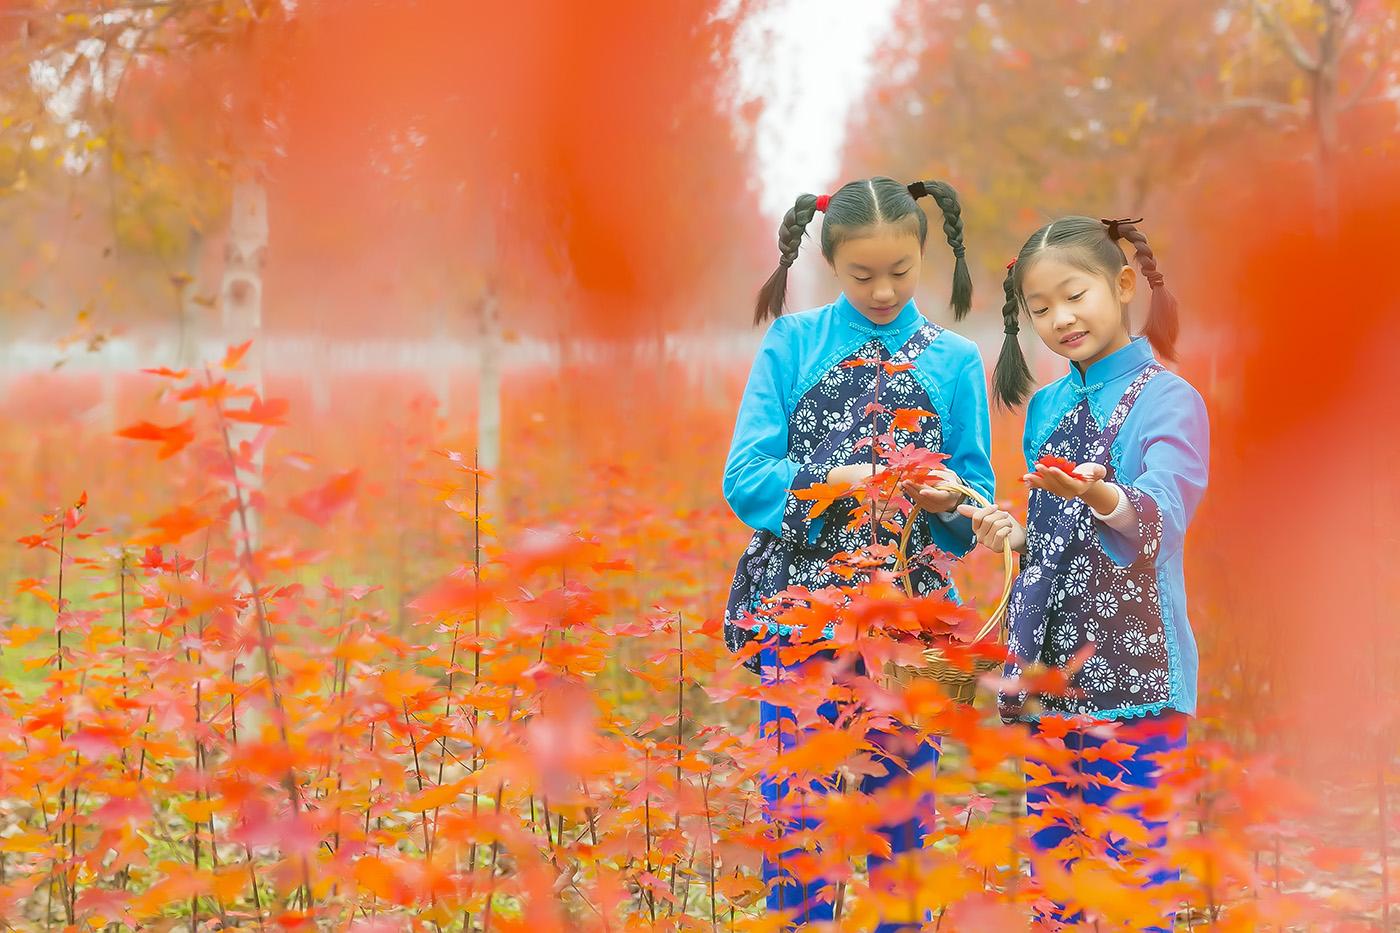 沂蒙山区竟然有这么一片童话般的树林 沂蒙小精灵火红的童年来袭 ..._图1-15